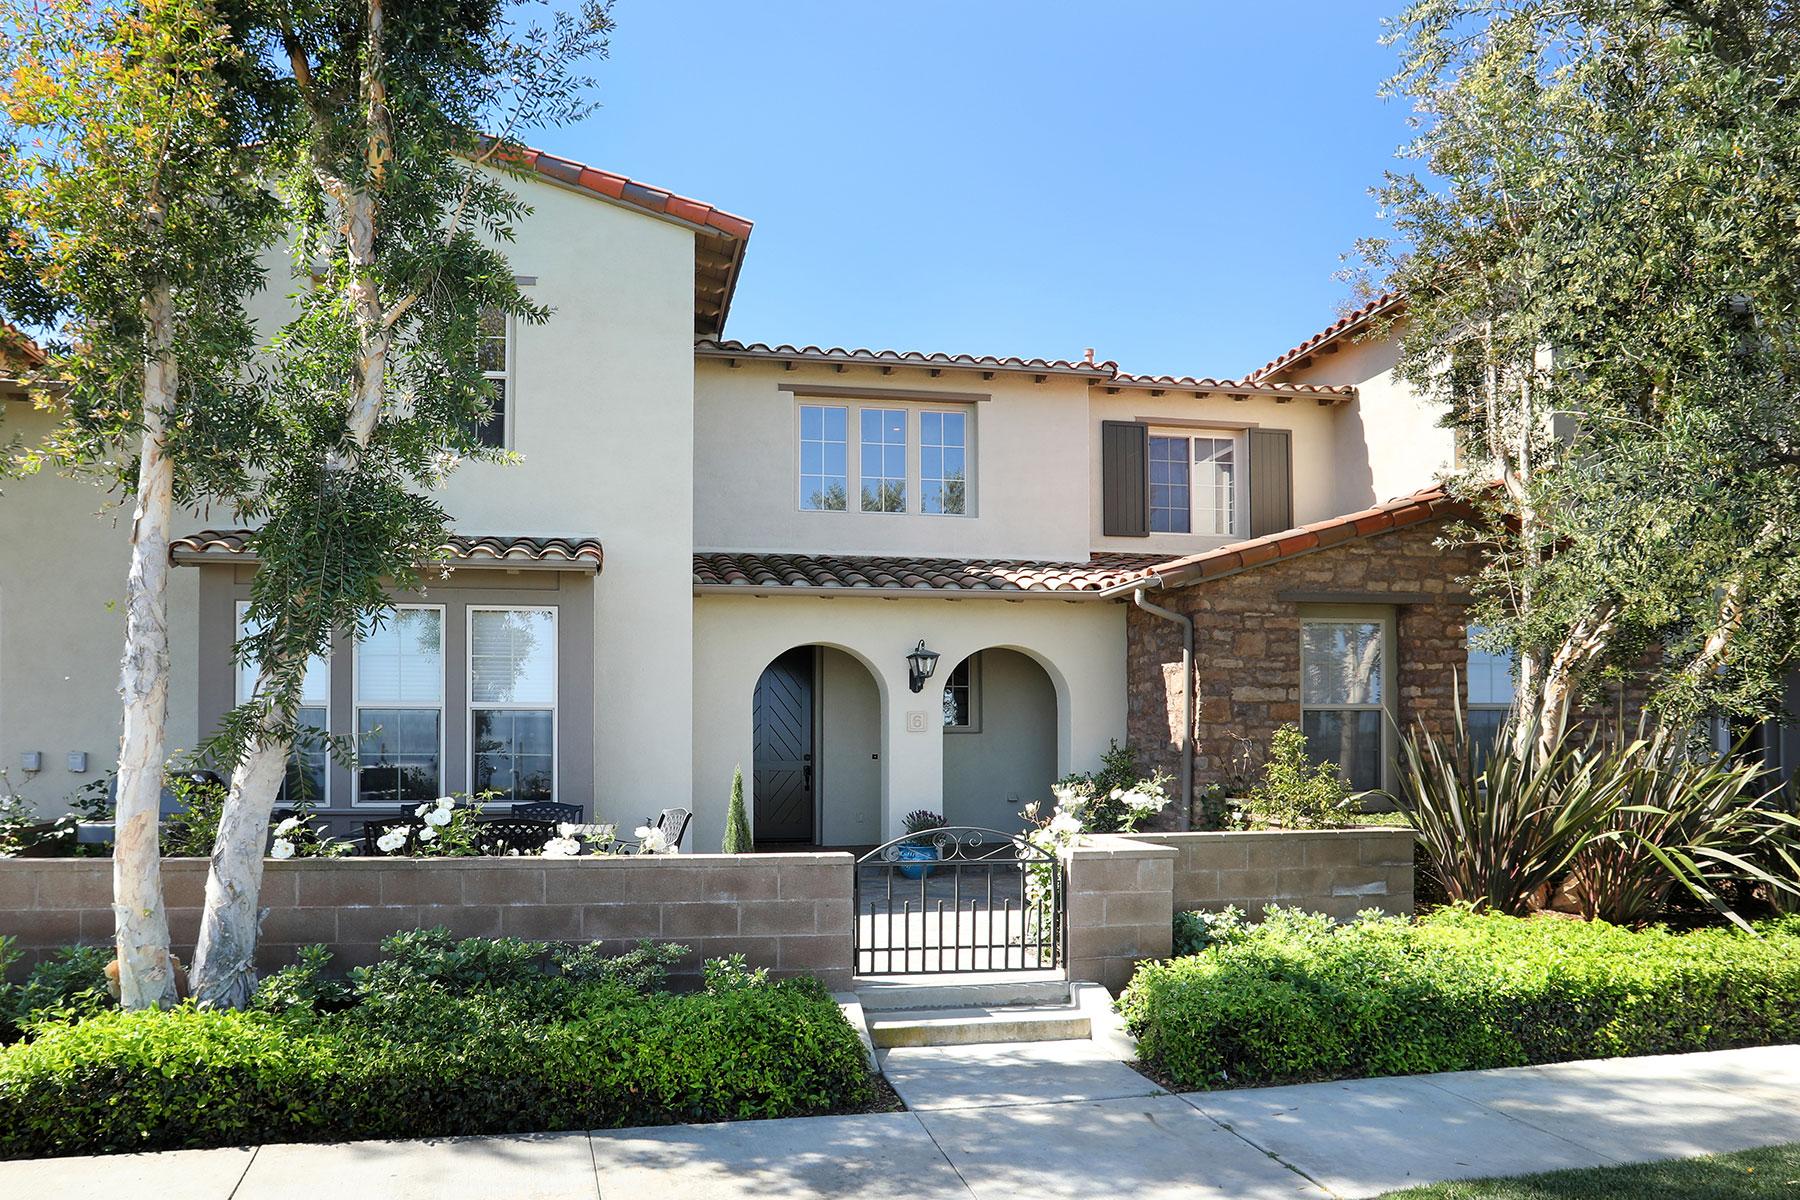 Condomínio para Venda às 6 San Pietro Newport Coast, Califórnia, 92657 Estados UnidosEm/Em torno de: Newport Beach